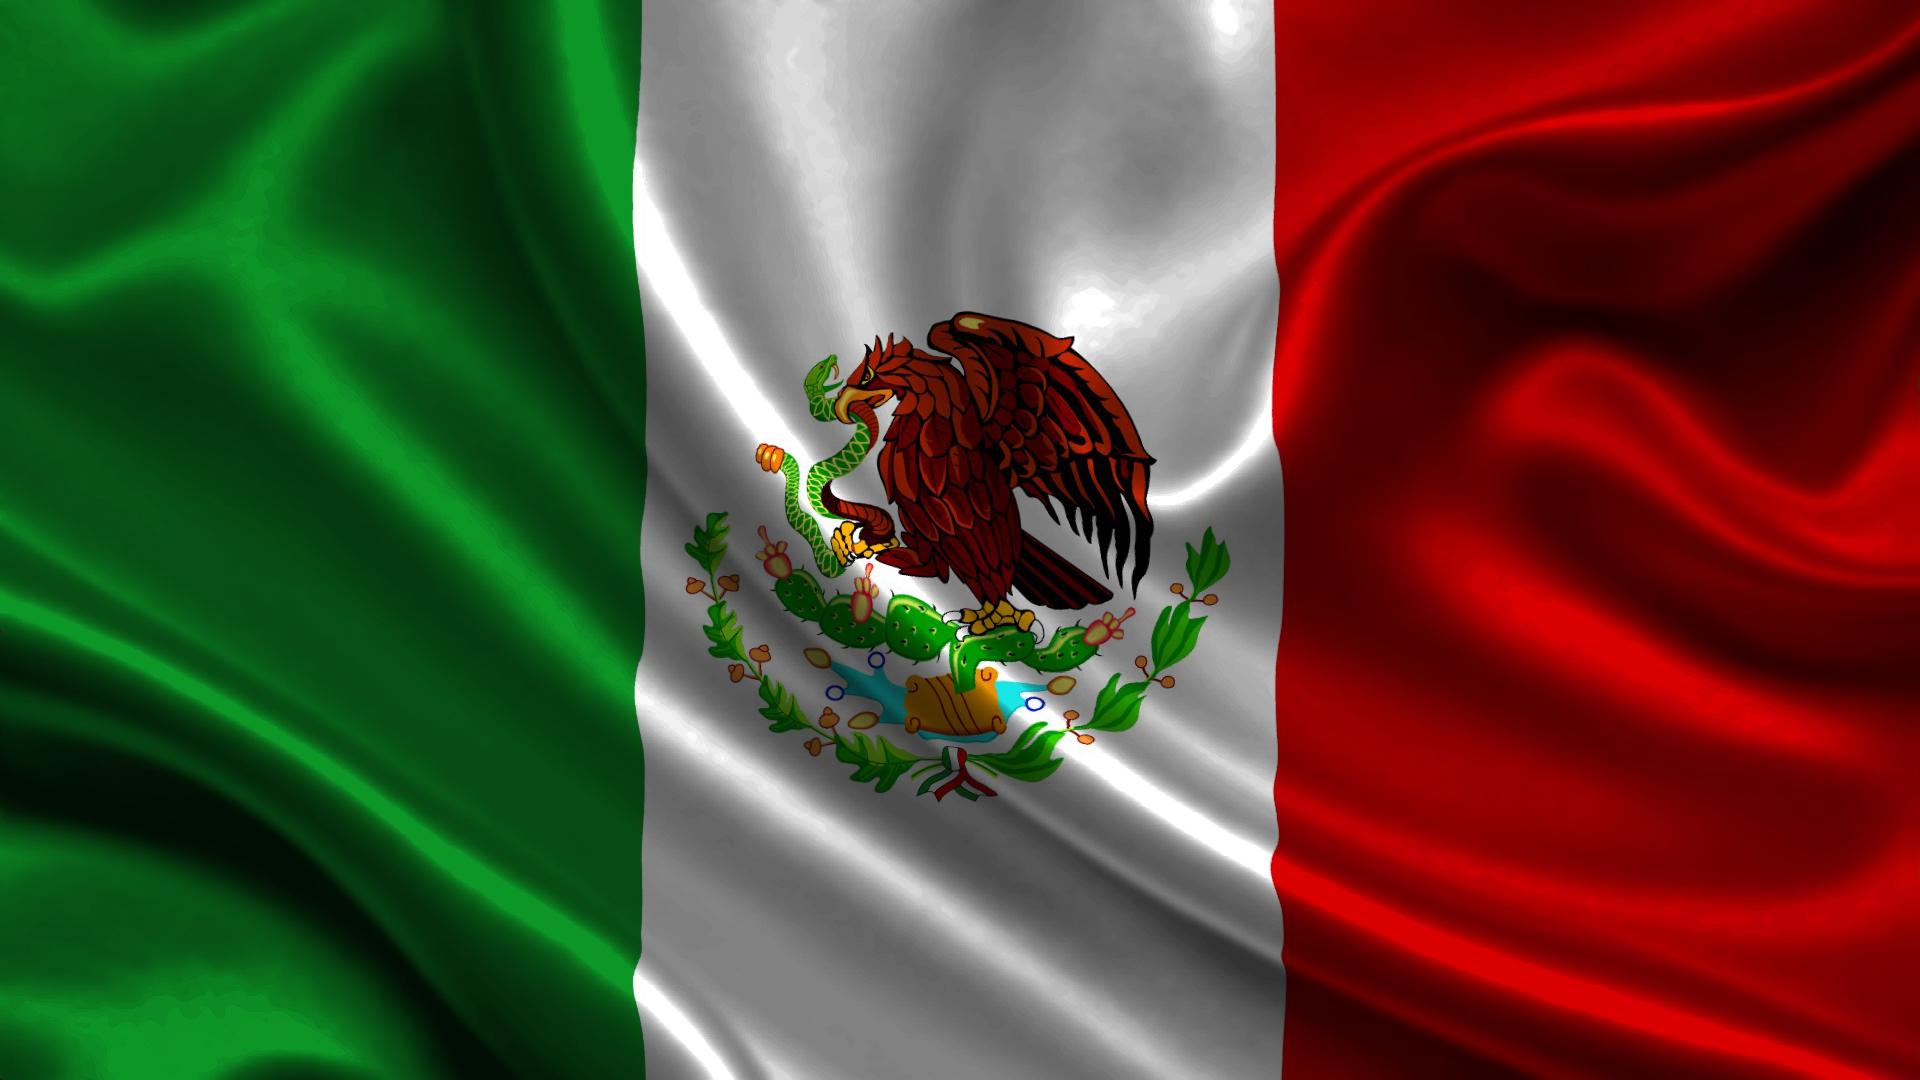 Historia Y Curiosidades De La Bandera De México